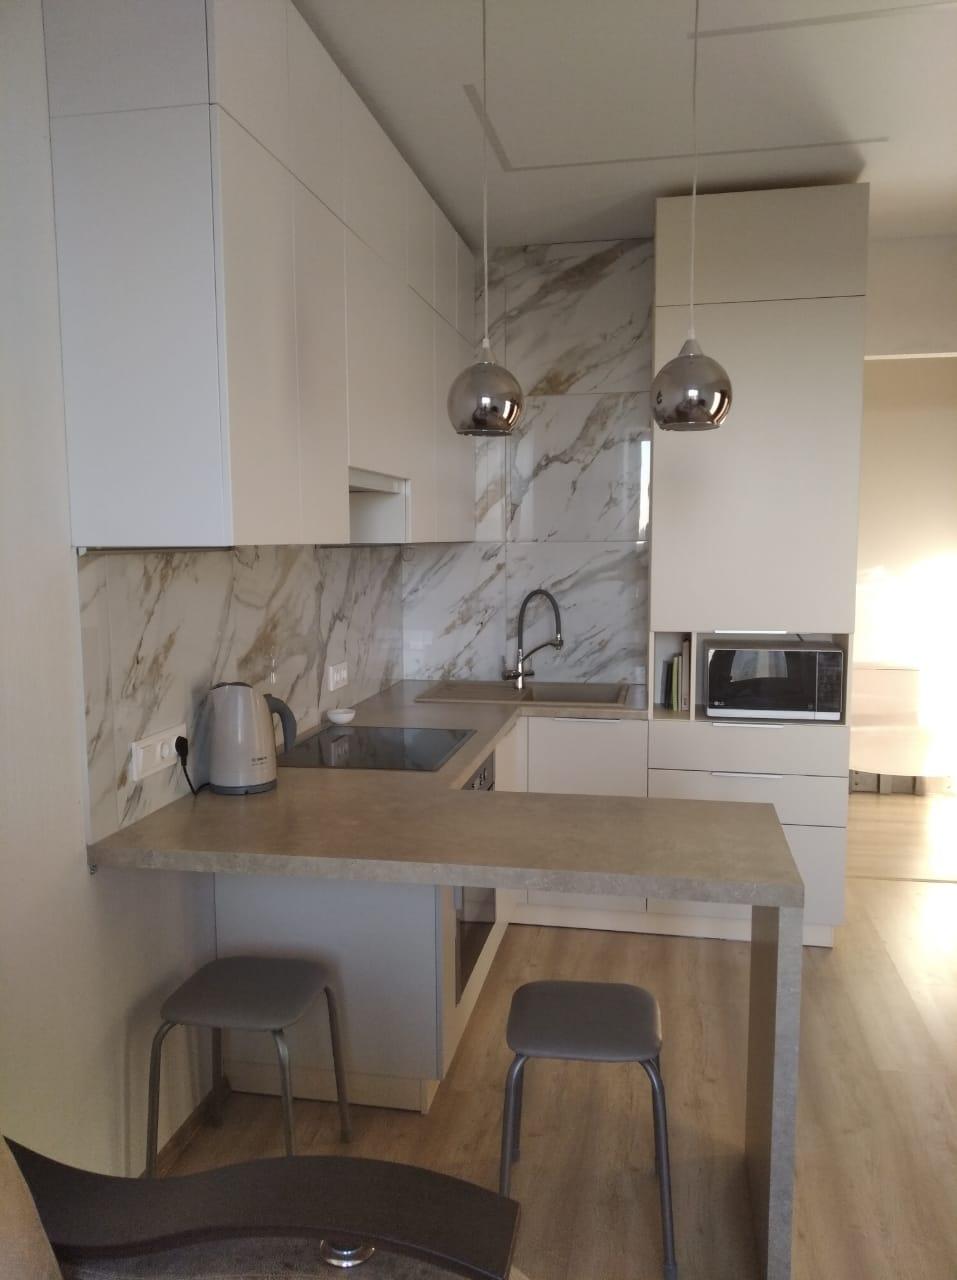 Третье фото Светлая матовая кухня под потолок с пеналами и барной стойкой